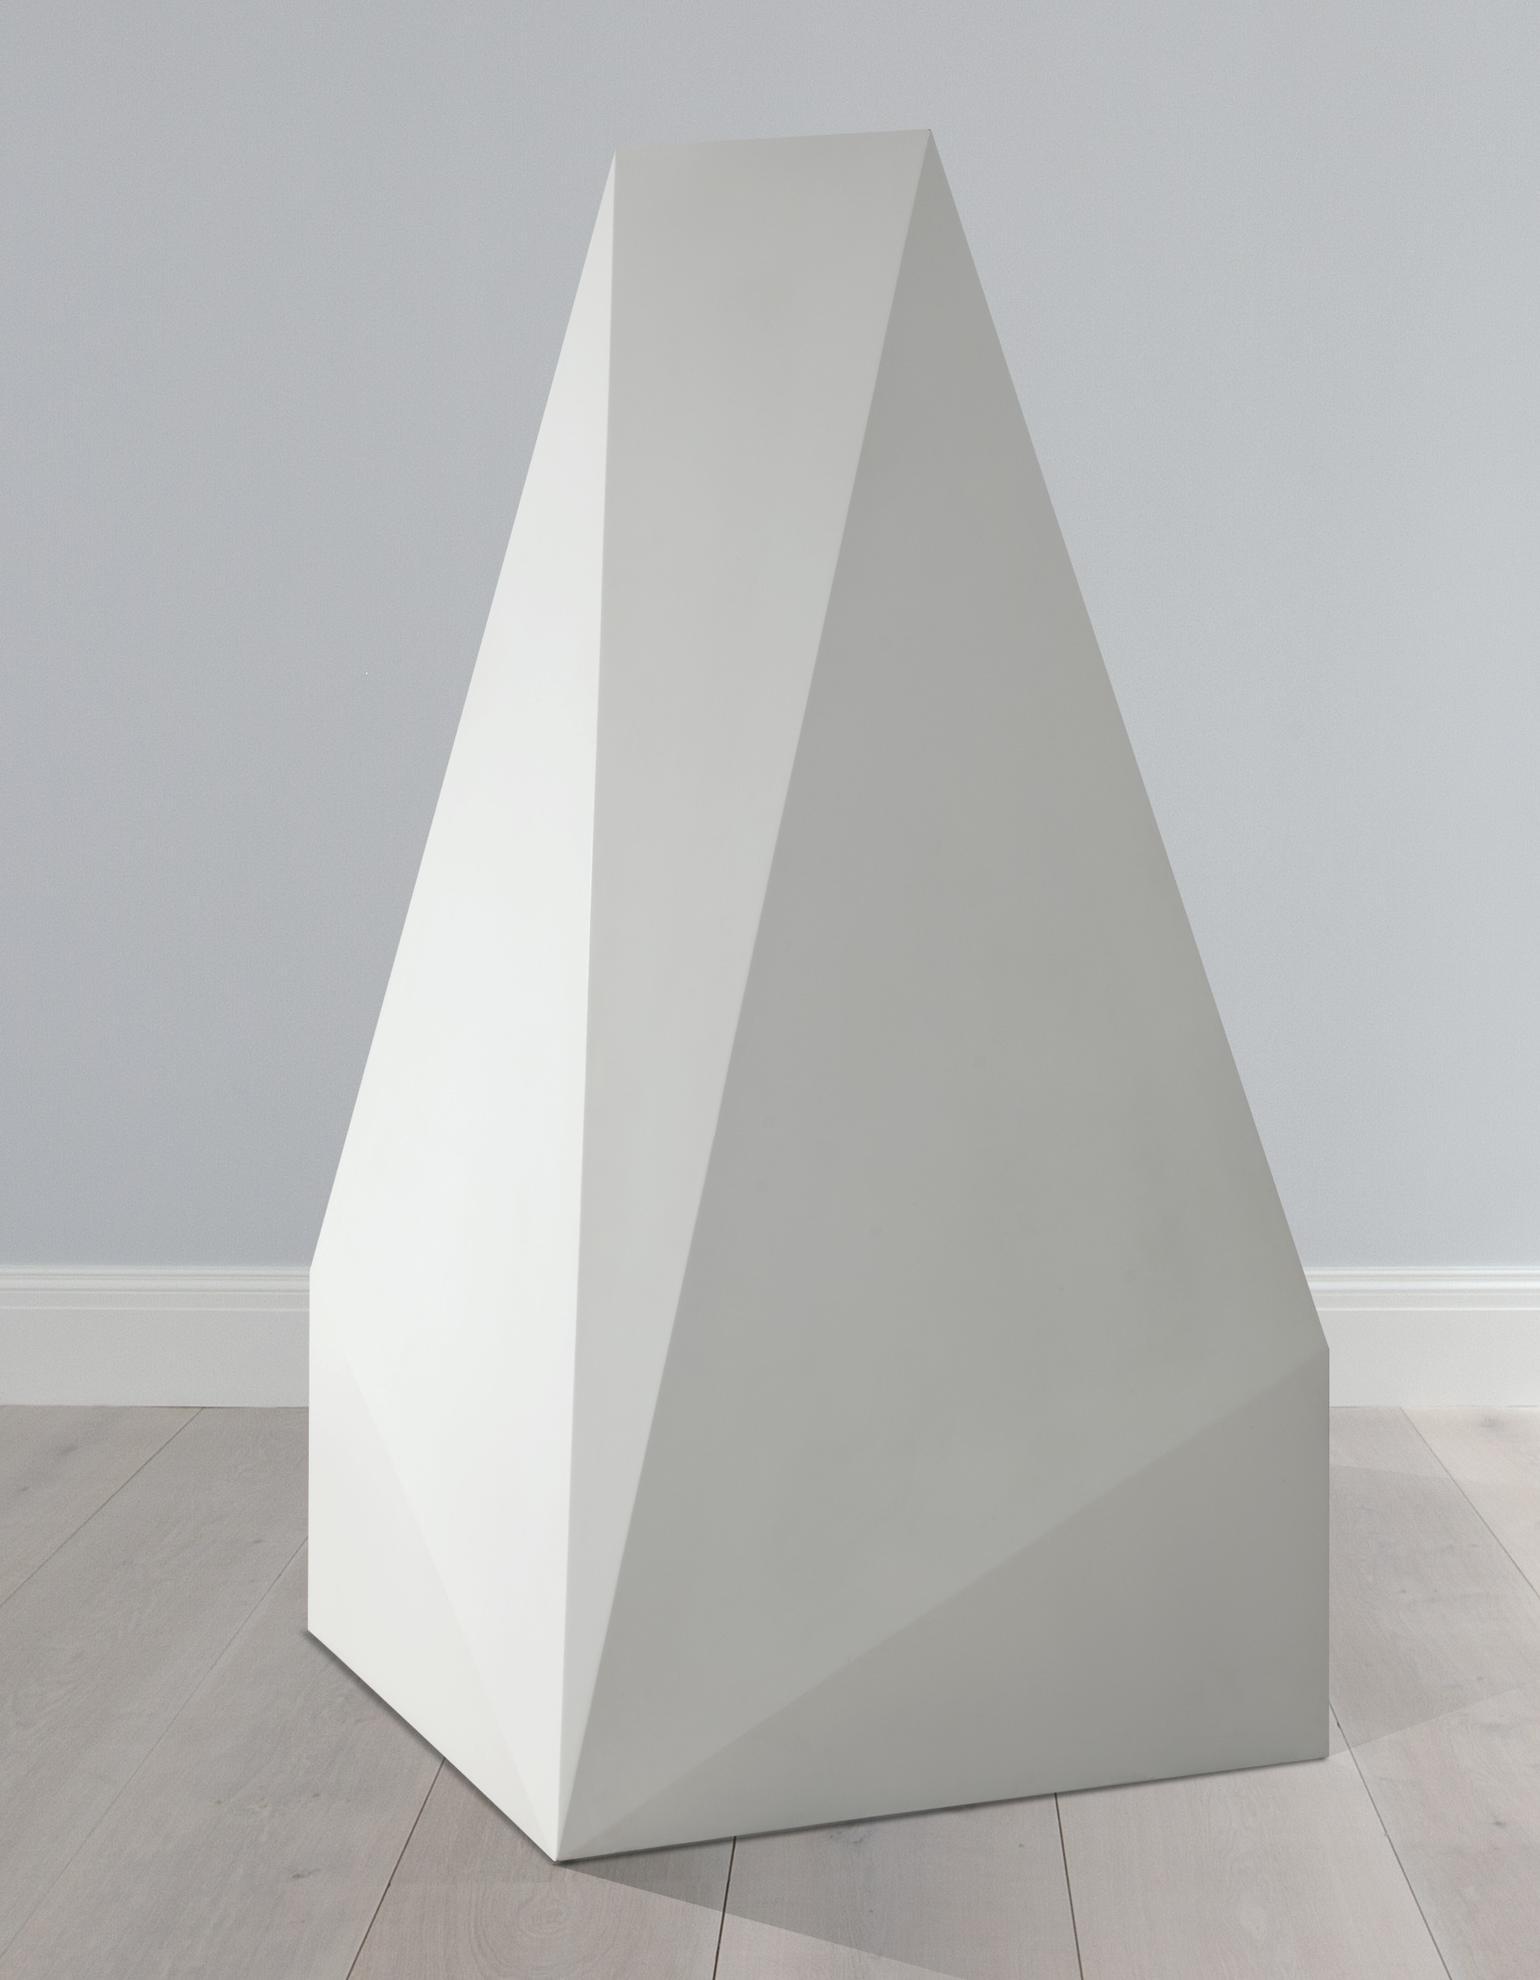 Sol LeWitt-Complex Form 45-1990